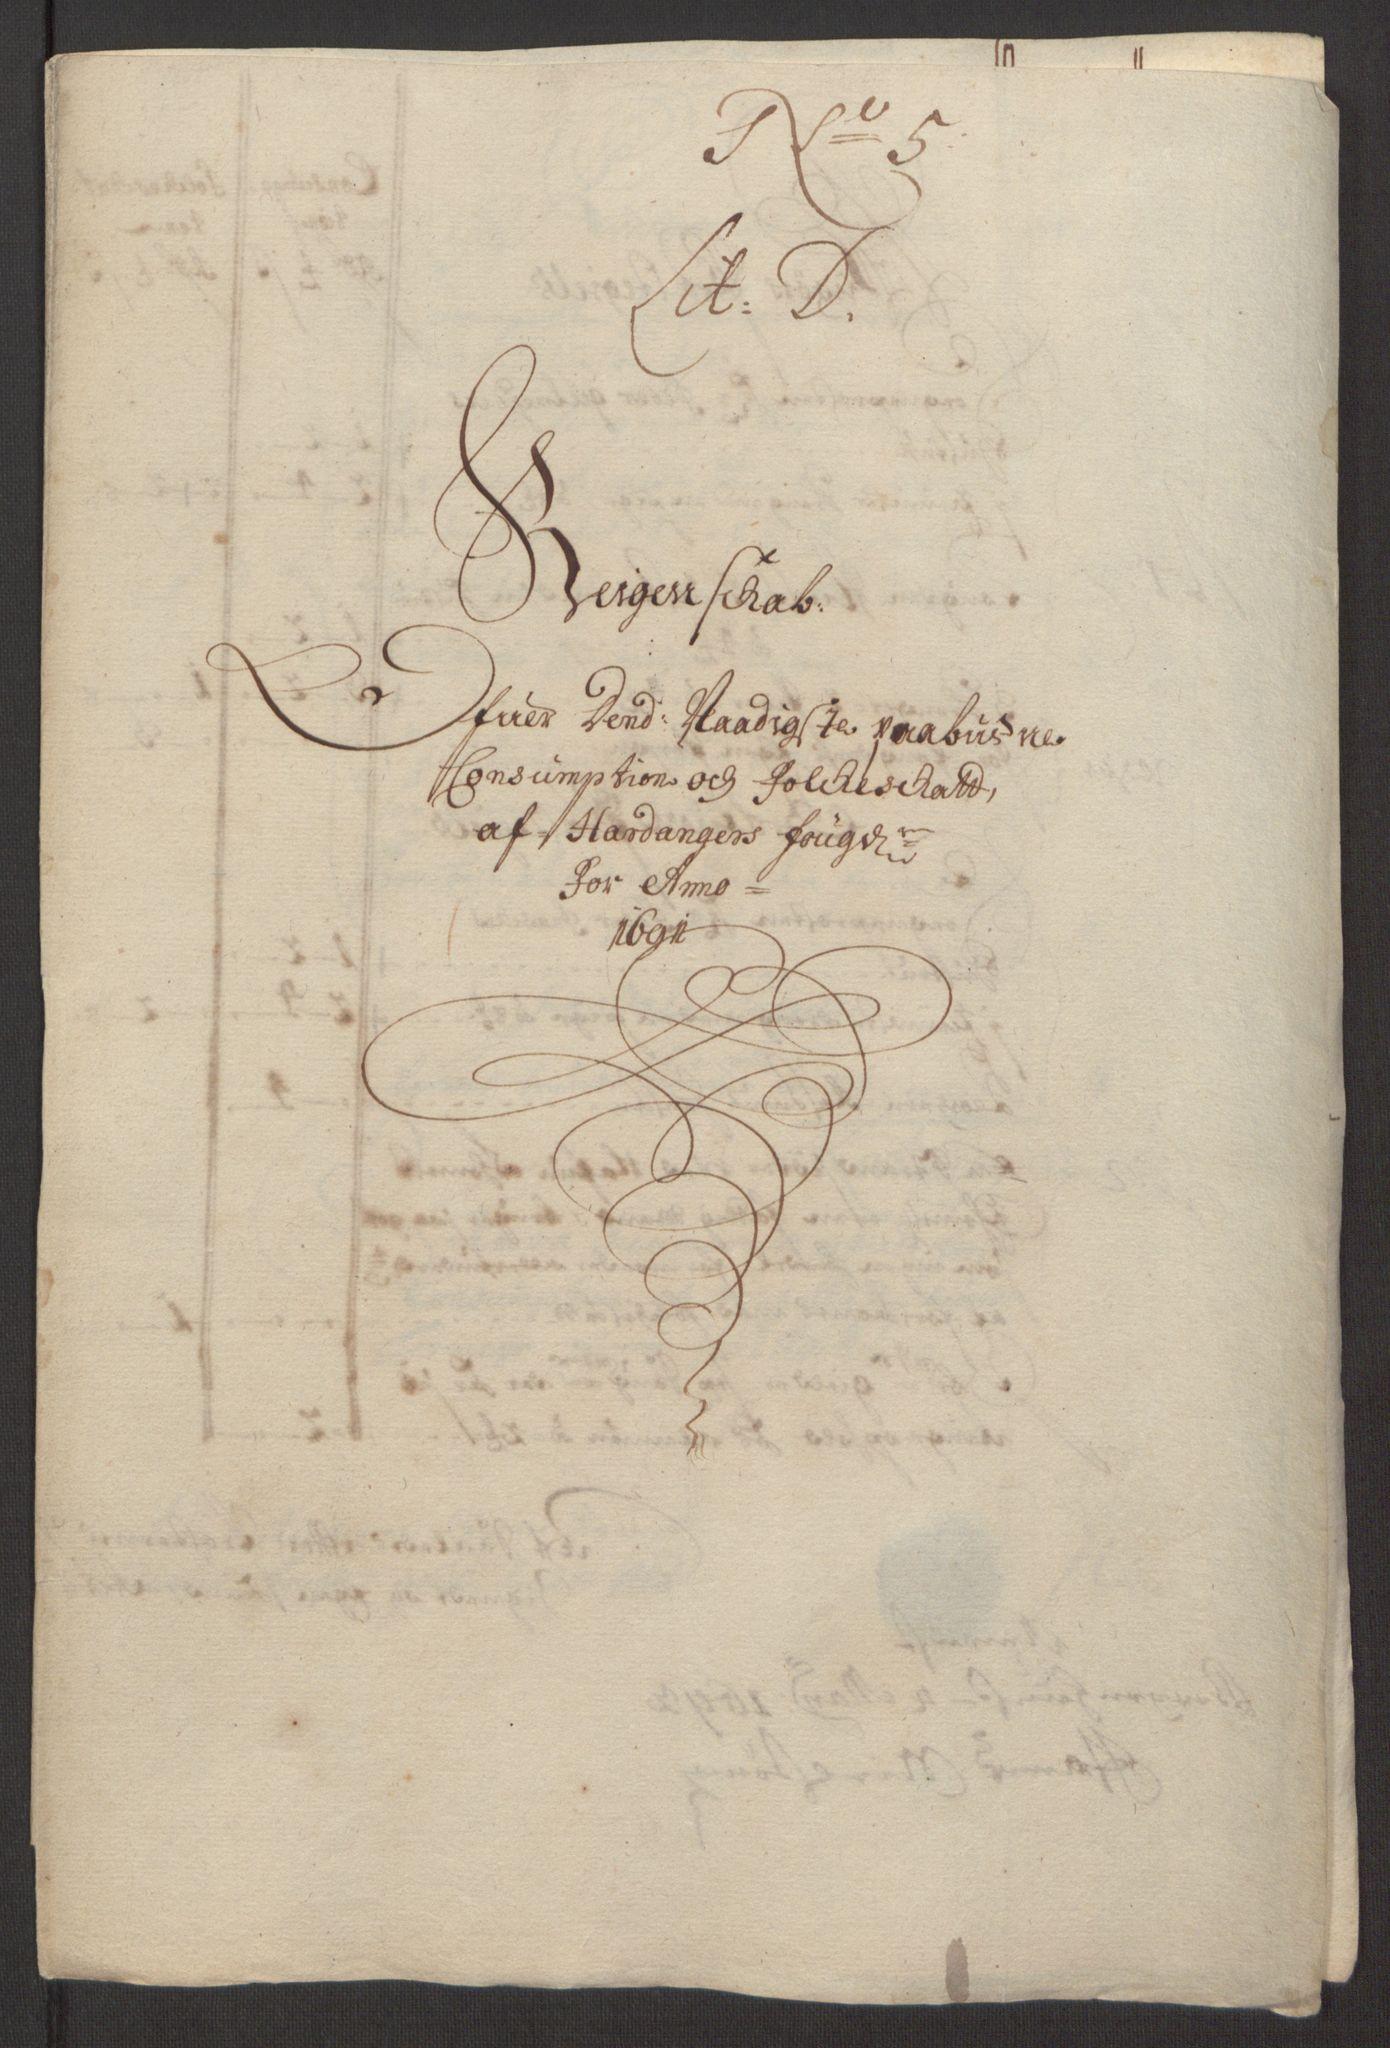 RA, Rentekammeret inntil 1814, Reviderte regnskaper, Fogderegnskap, R48/L2973: Fogderegnskap Sunnhordland og Hardanger, 1691-1692, s. 304